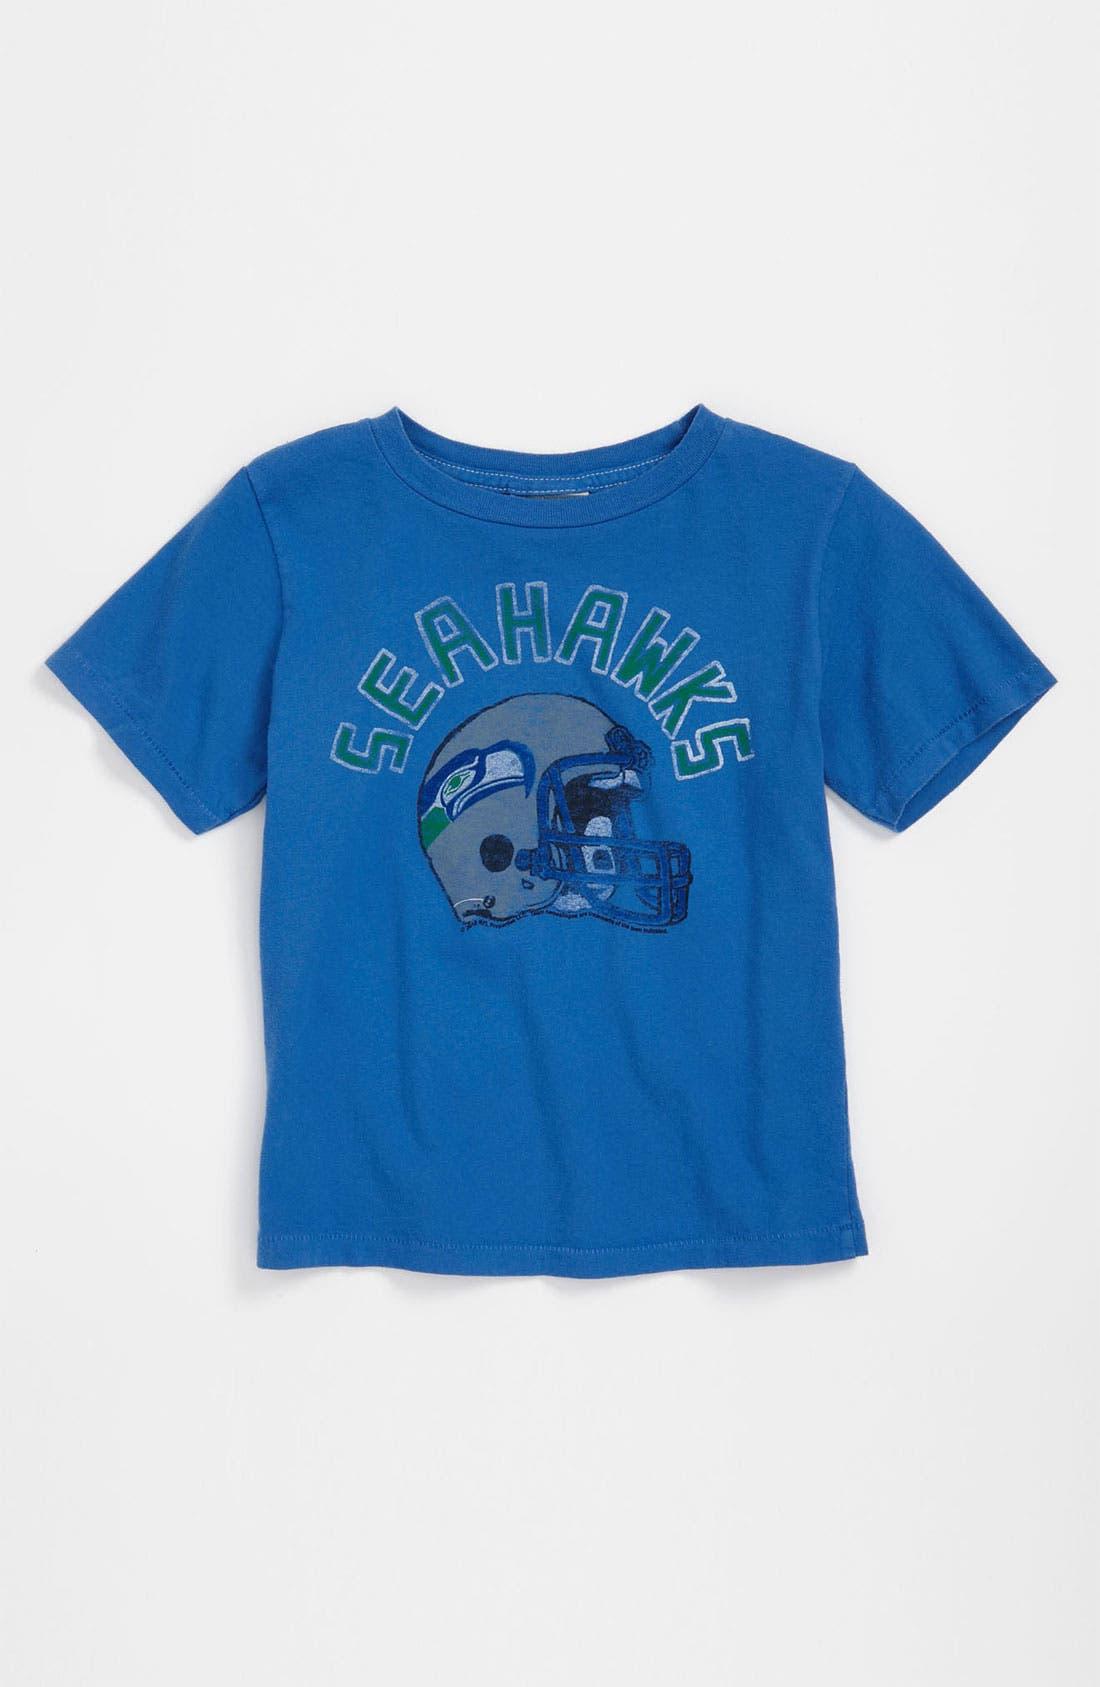 Main Image - Junk Food 'Seattle Seahawks' T-Shirt (Toddler)